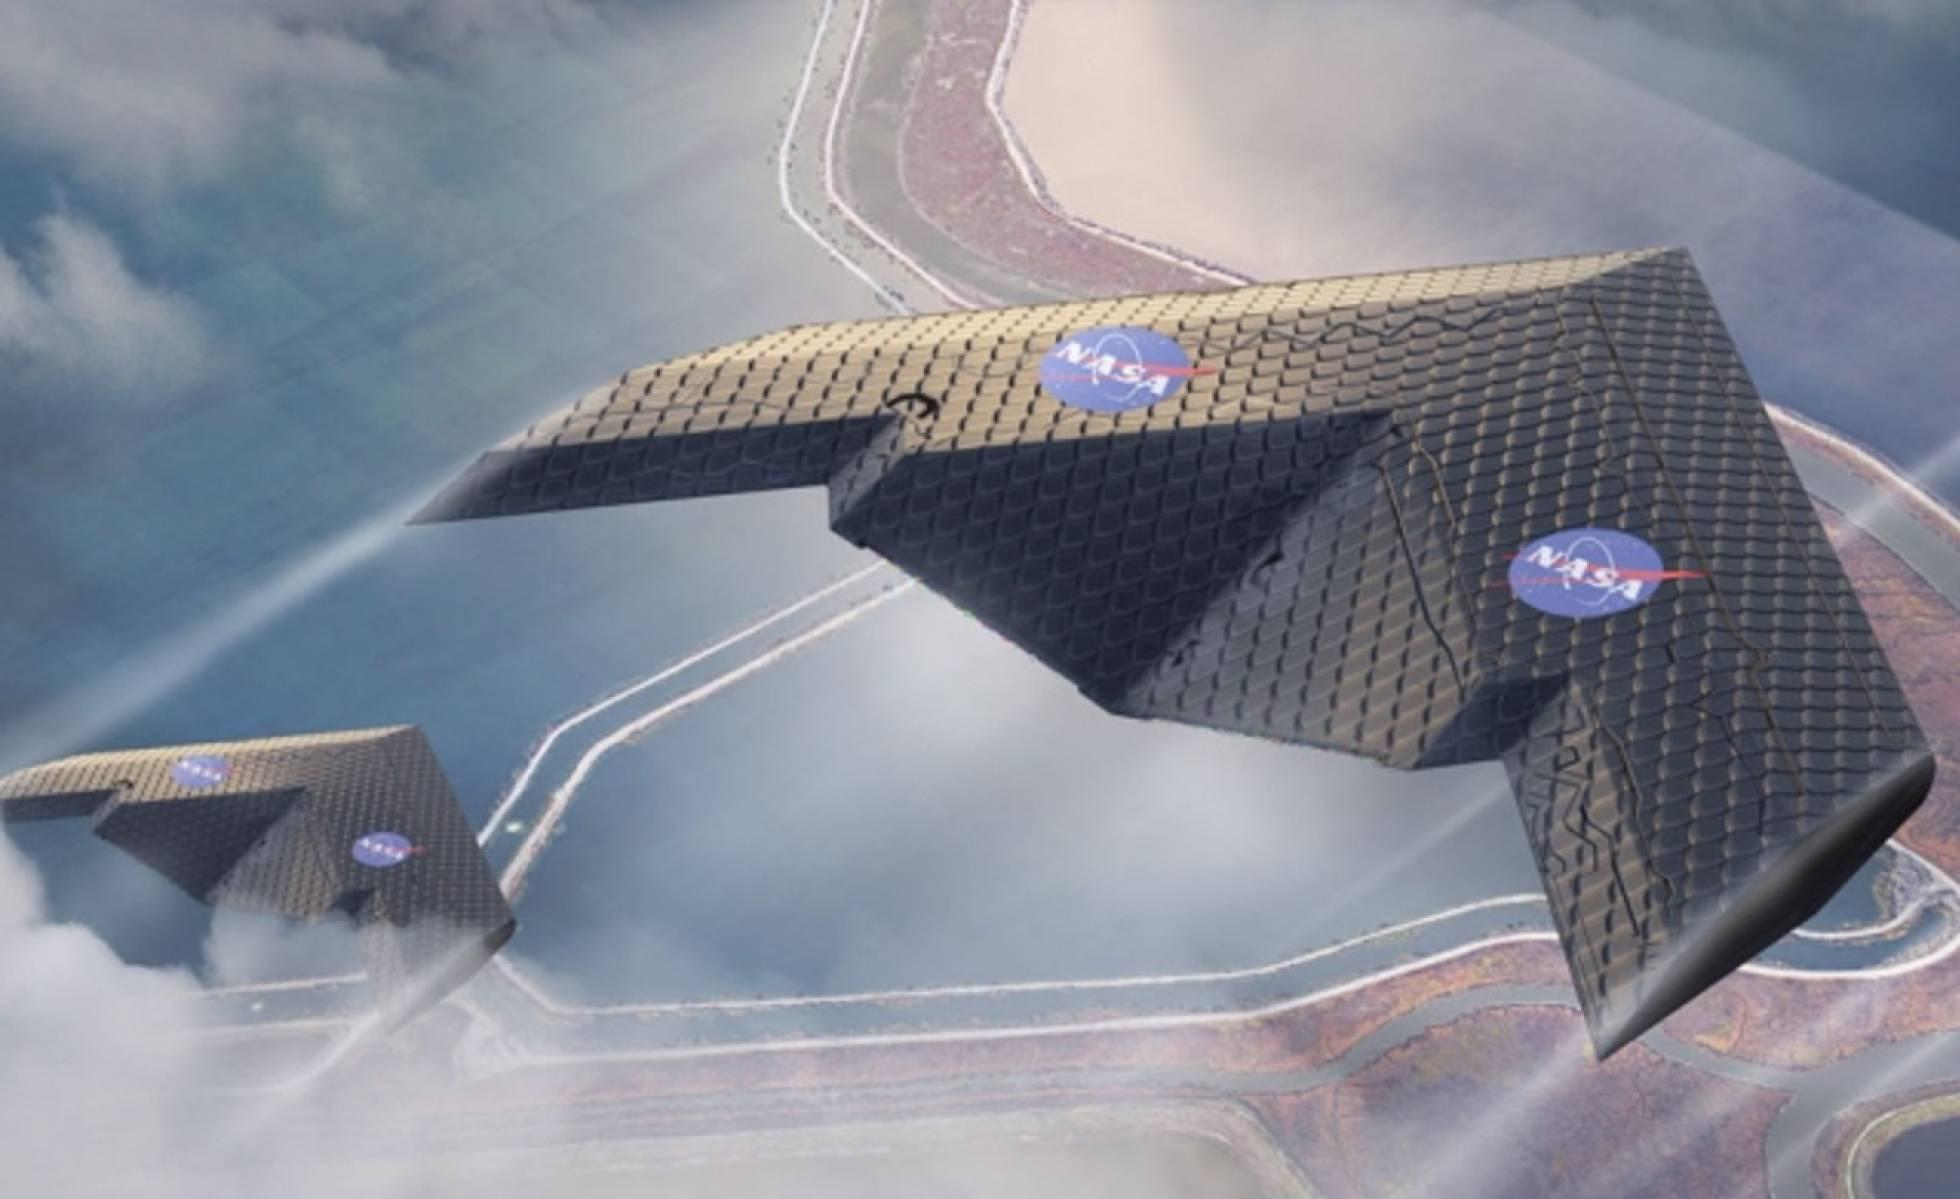 Prototipo del nuevo ala deformable de la NASA.